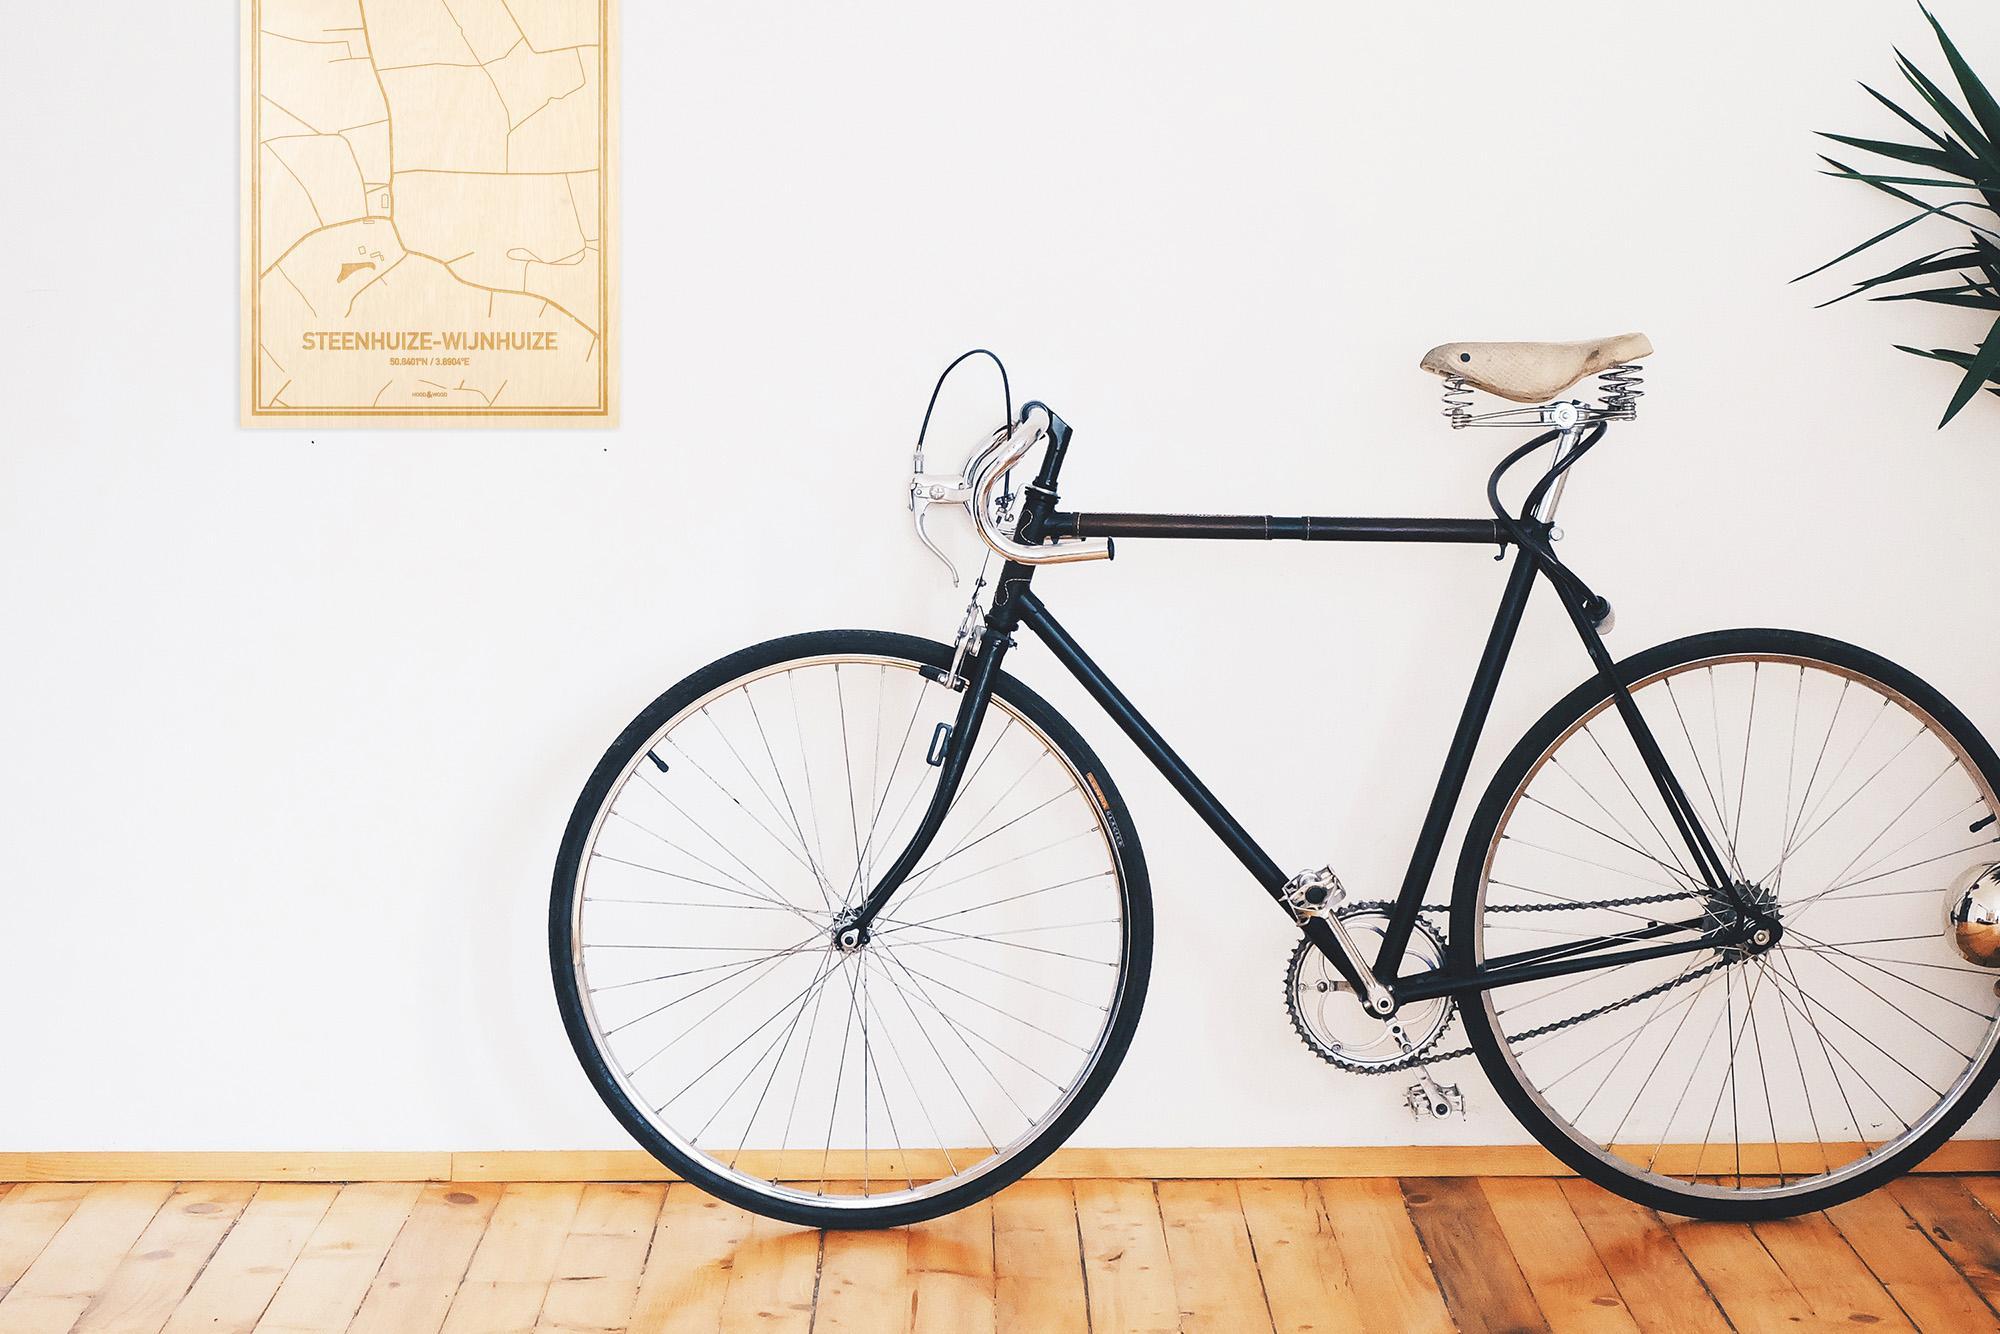 Een snelle fiets in een uniek interieur in Oost-Vlaanderen  met mooie decoratie zoals de plattegrond Steenhuize-Wijnhuize.